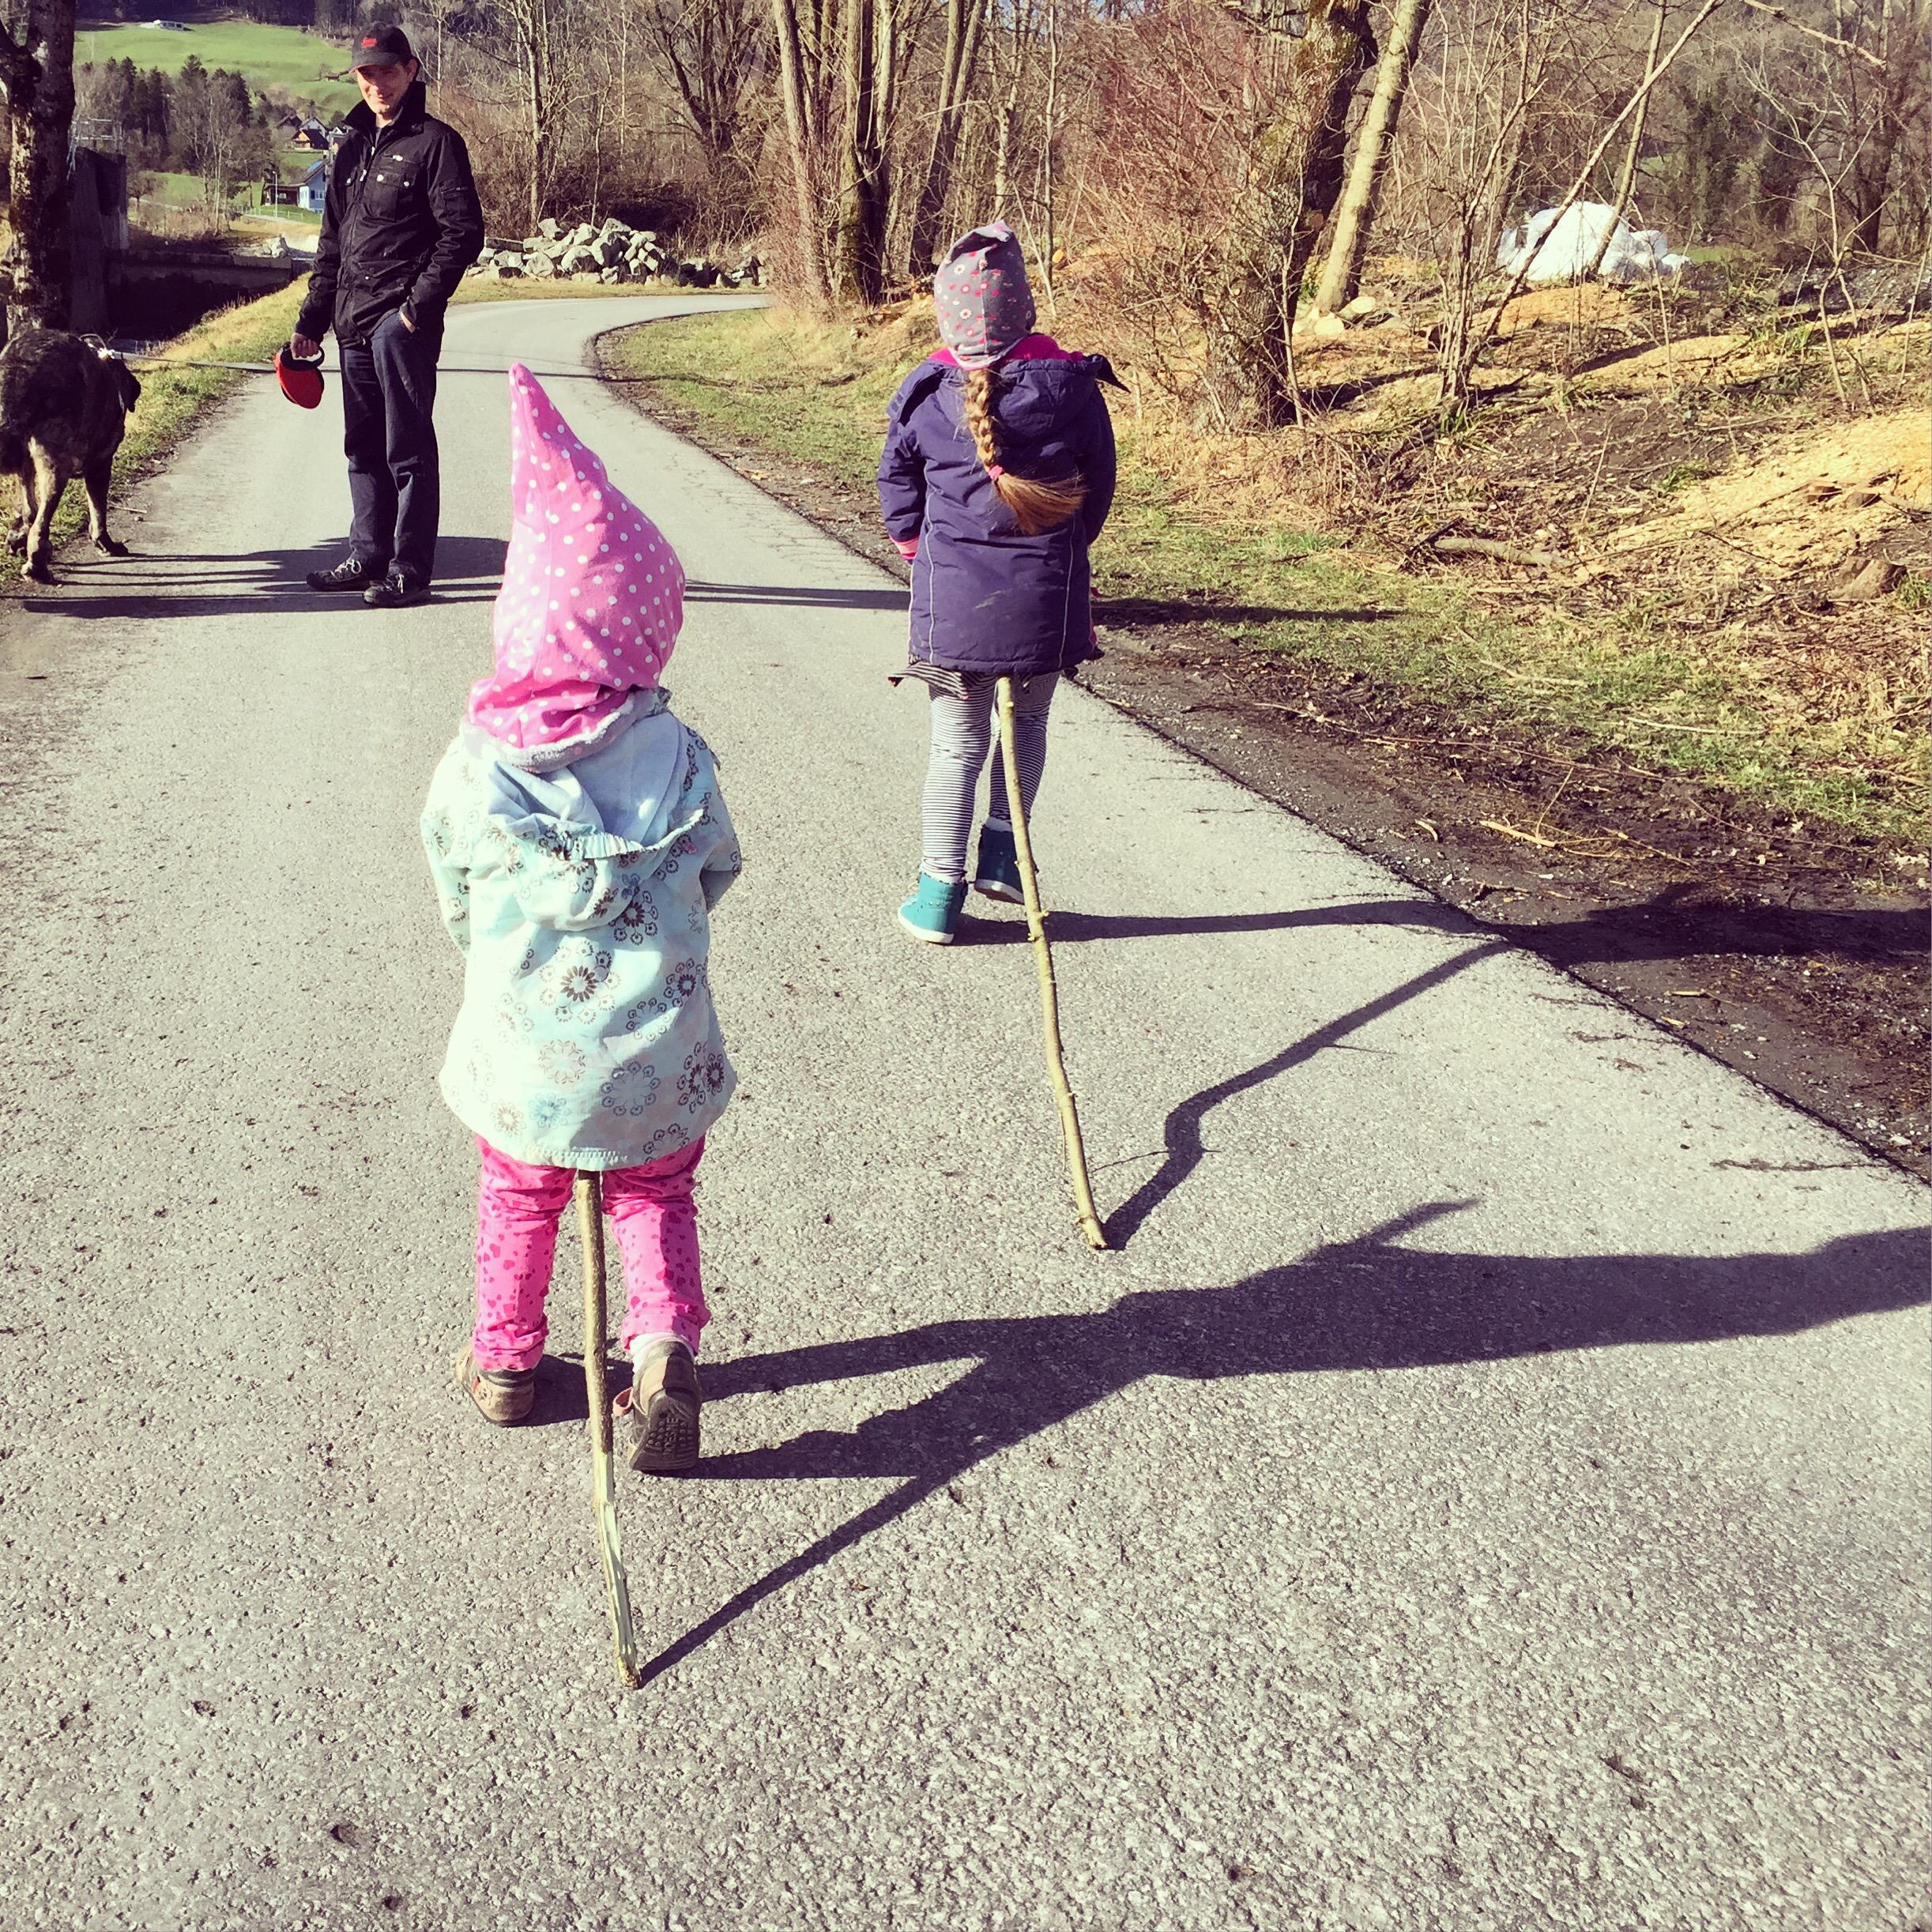 Zondagochtend was het even mooi weer en gingen we op pad. De meiden namen hun paard mee.